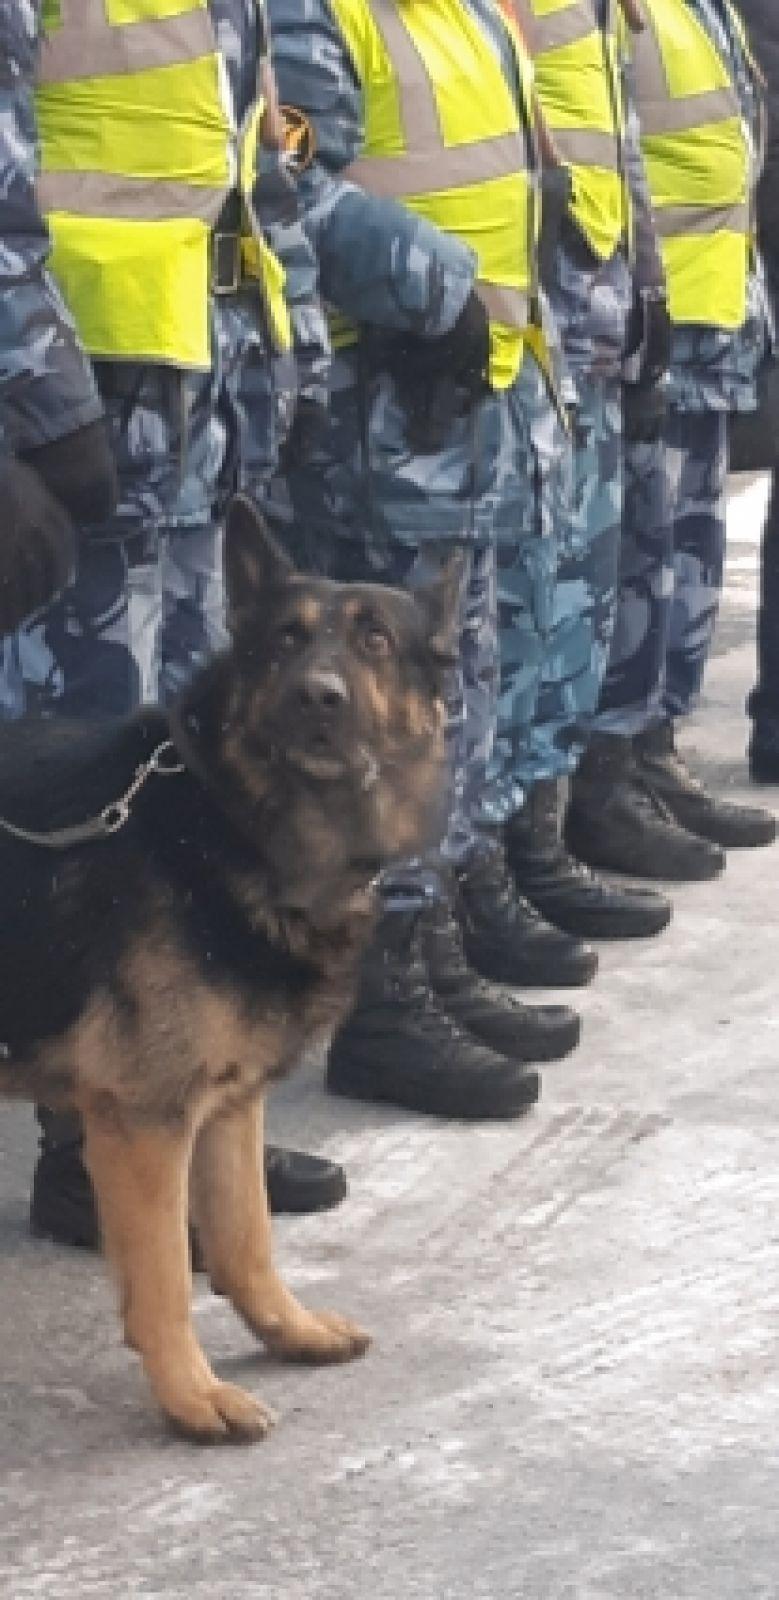 Полноправный сотрудник службы – Стэн, вице-чемпион России по собачьему многоборью.